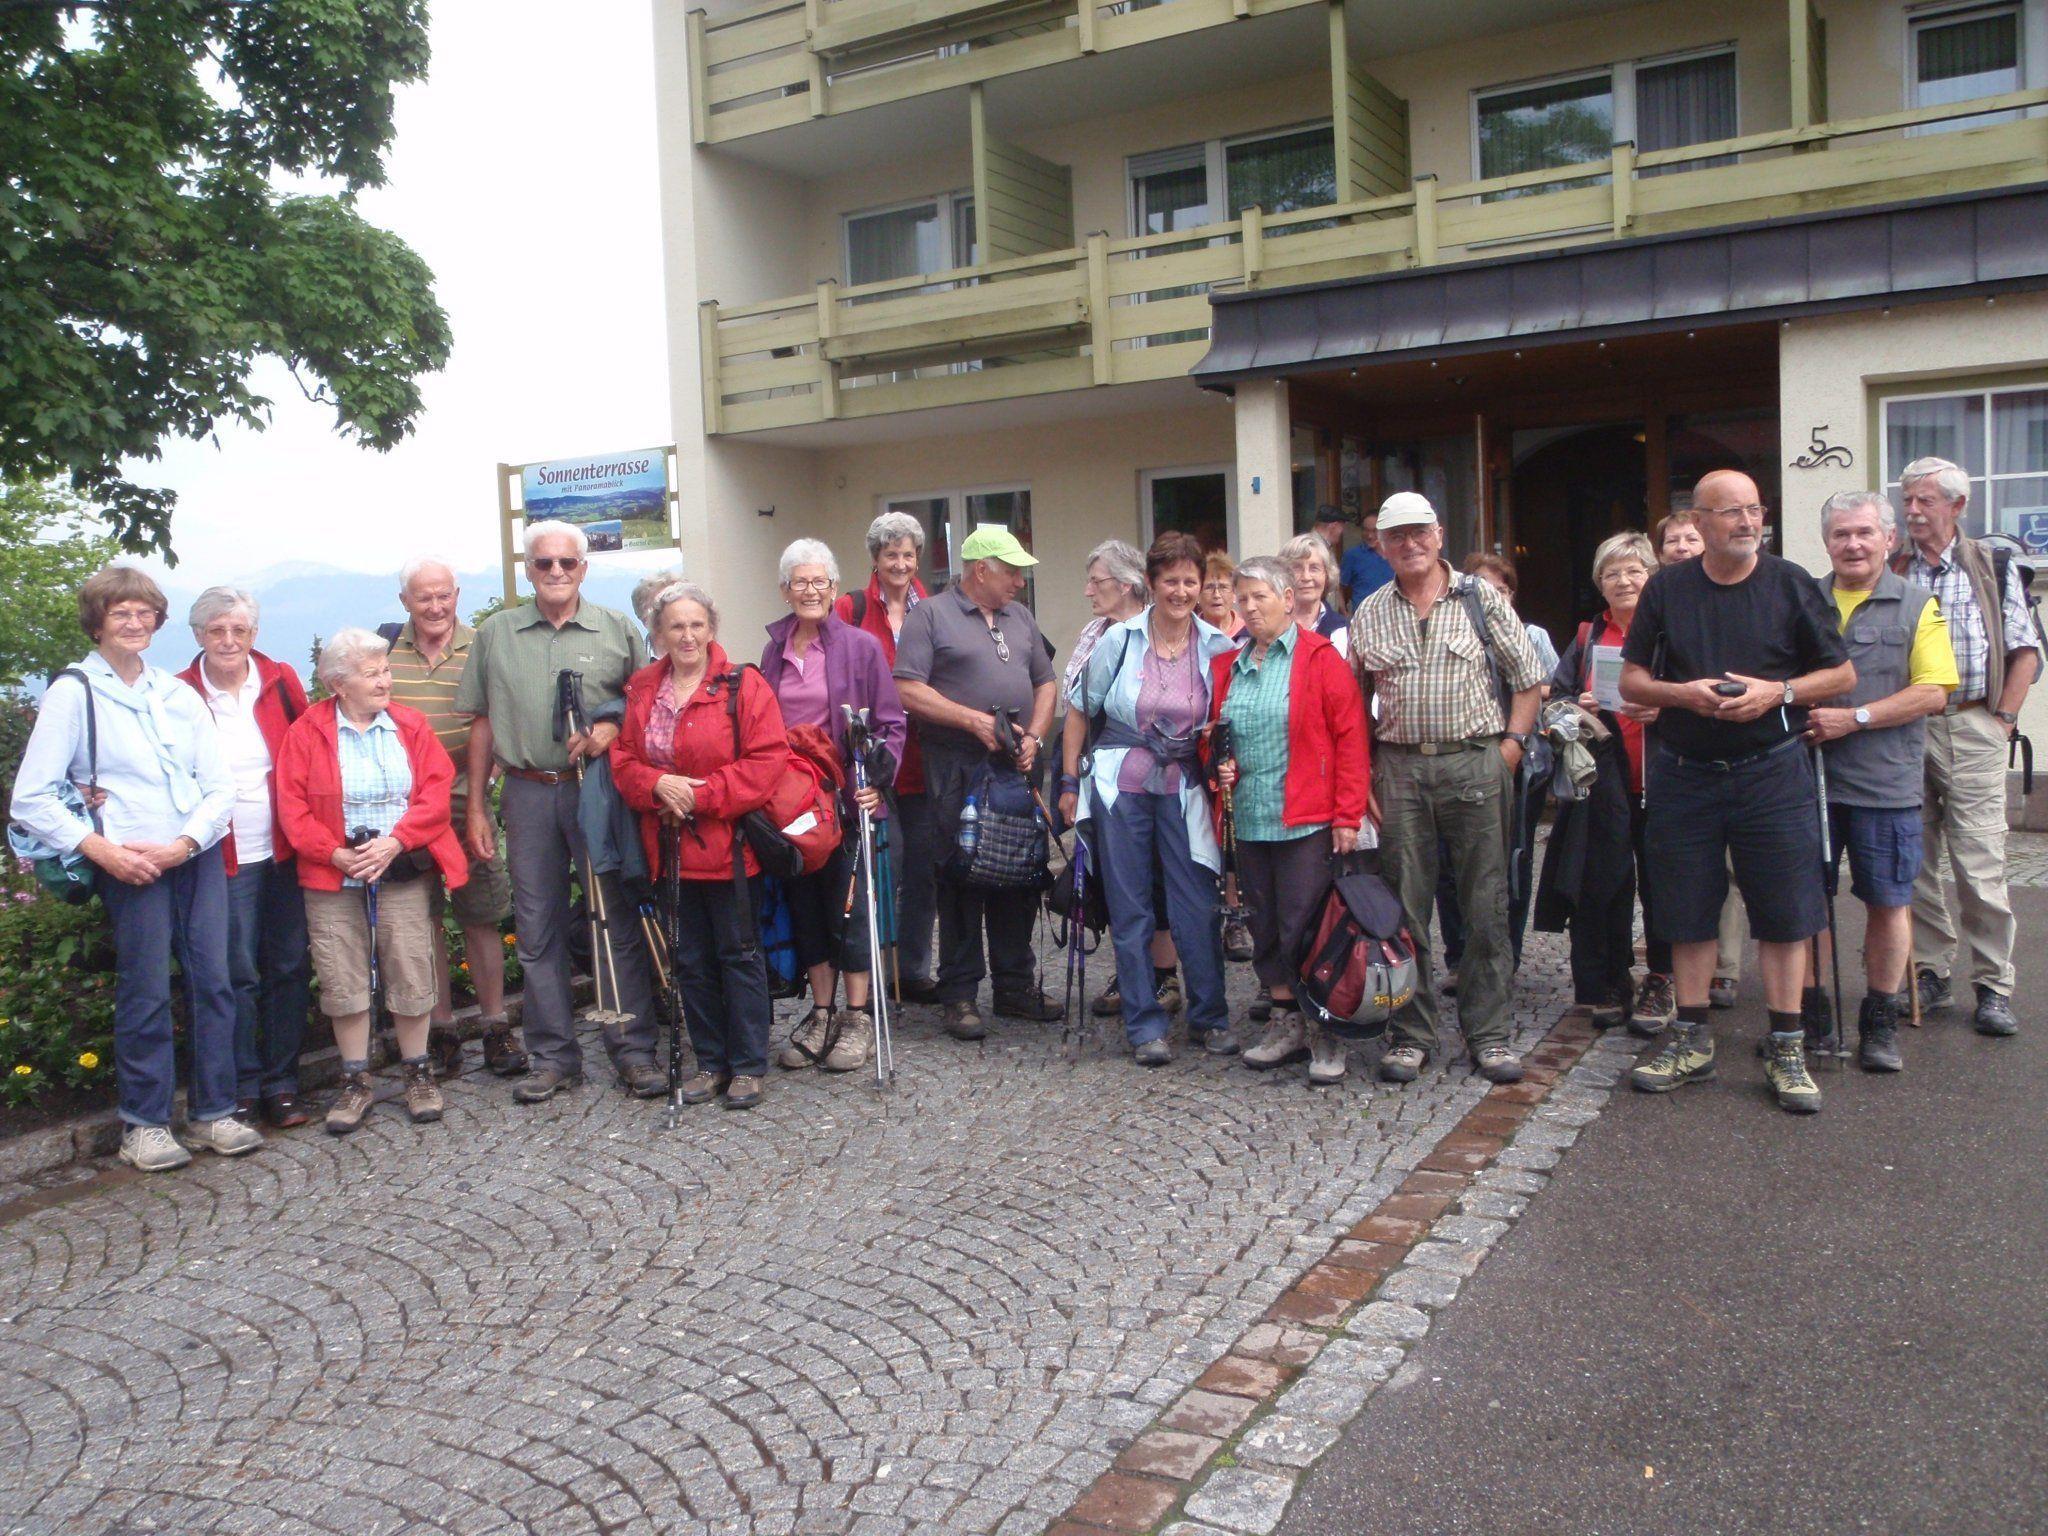 Unsere fröhliche Wandergruppe